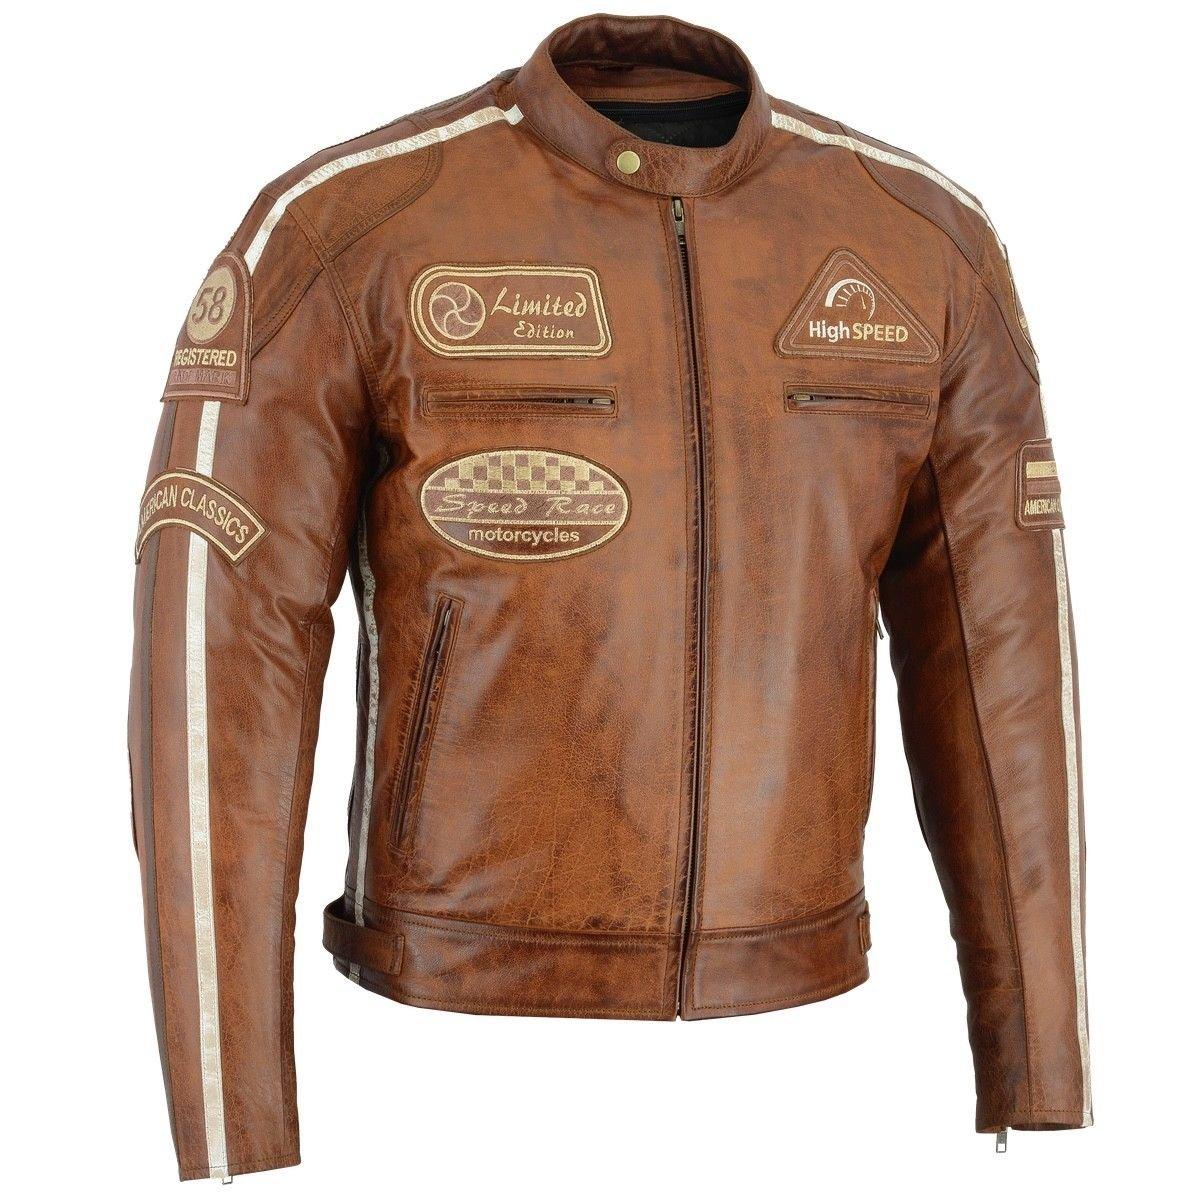 Herren Retro Biker Lederjacke Motorrad Jacke Race Streifen Rockerjacke Chopper L